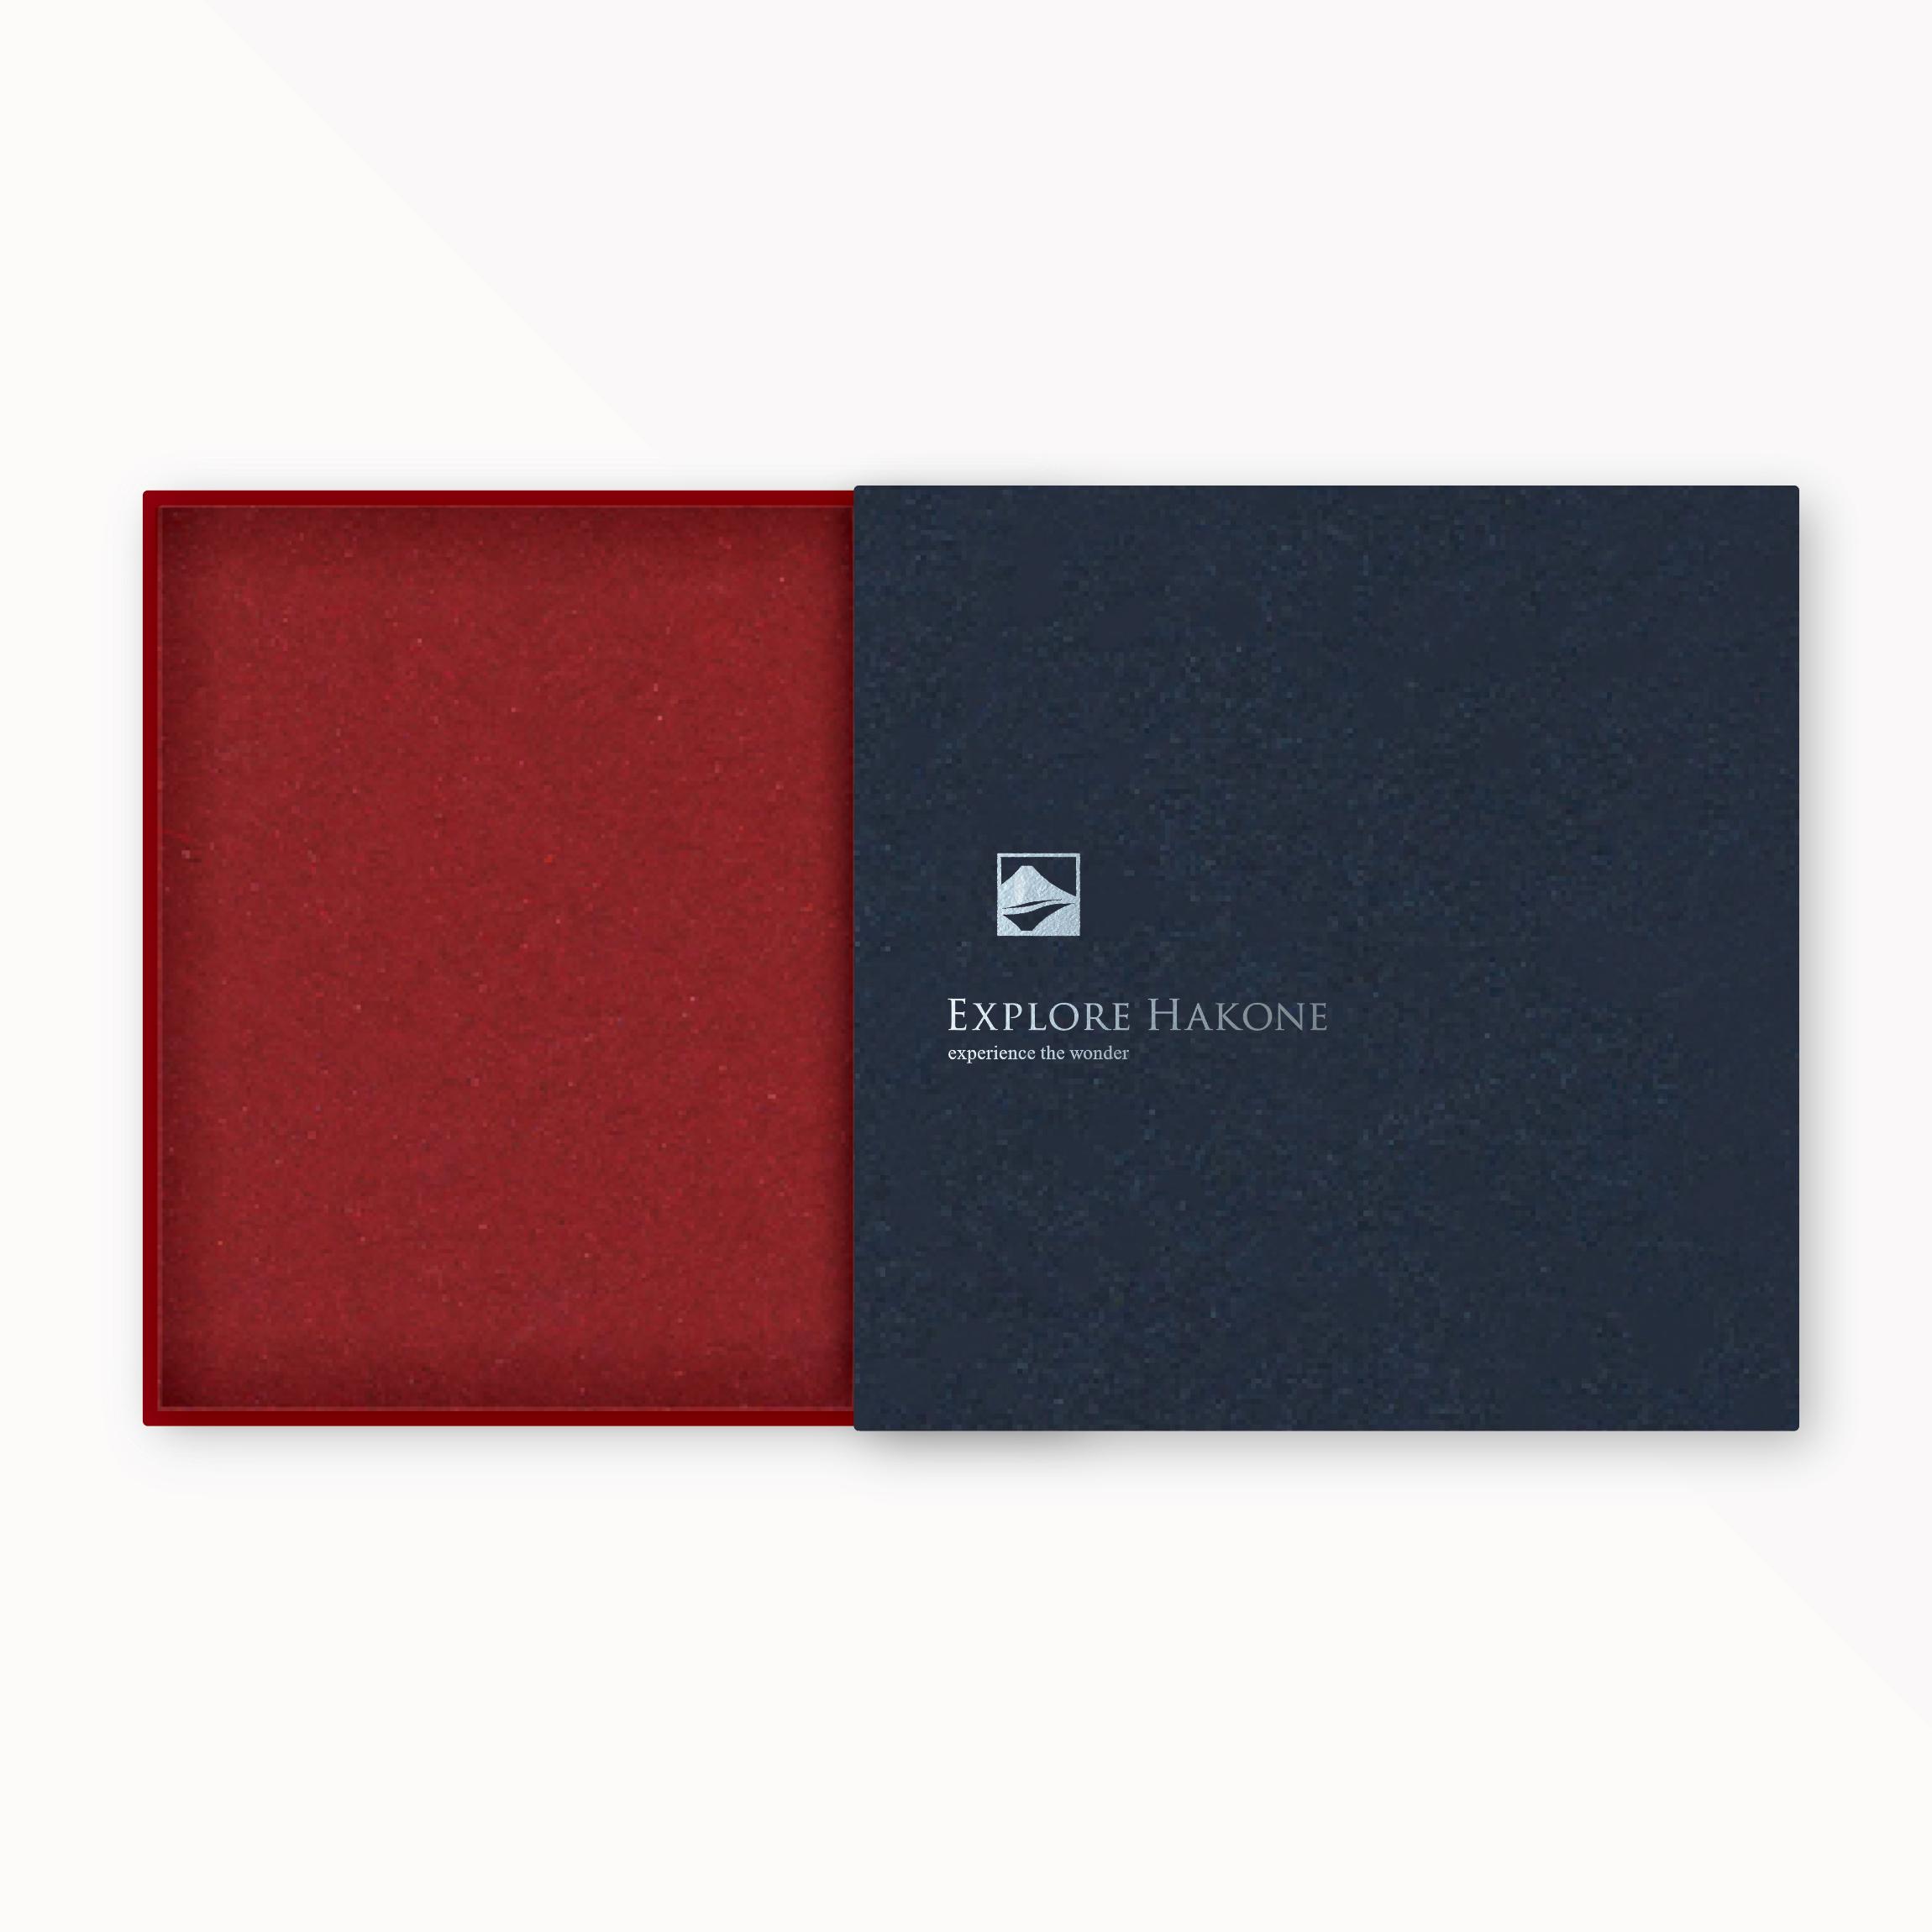 グラフィックデザイン パンフレットデザイン パッケージデザイン 編集エディトリアル 神奈川県 箱根